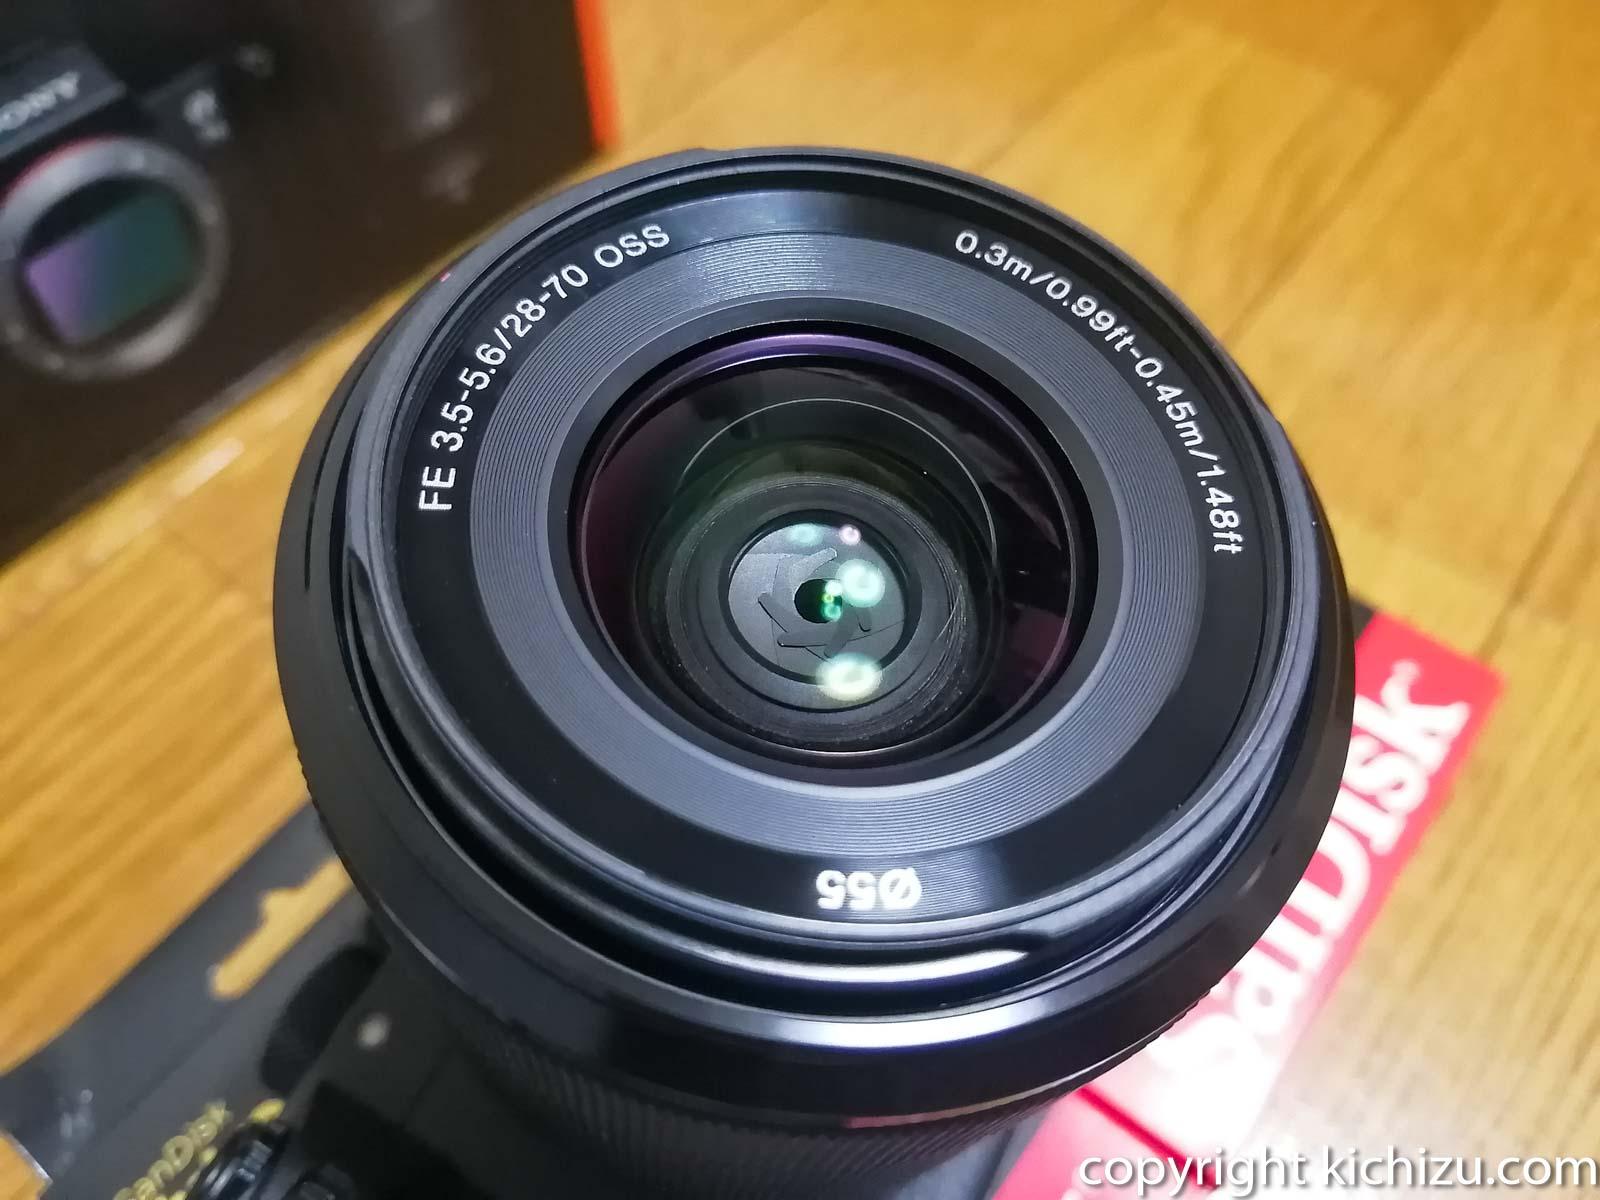 FE 28-70mm F3.5-5.6 OSS(SEL2870)